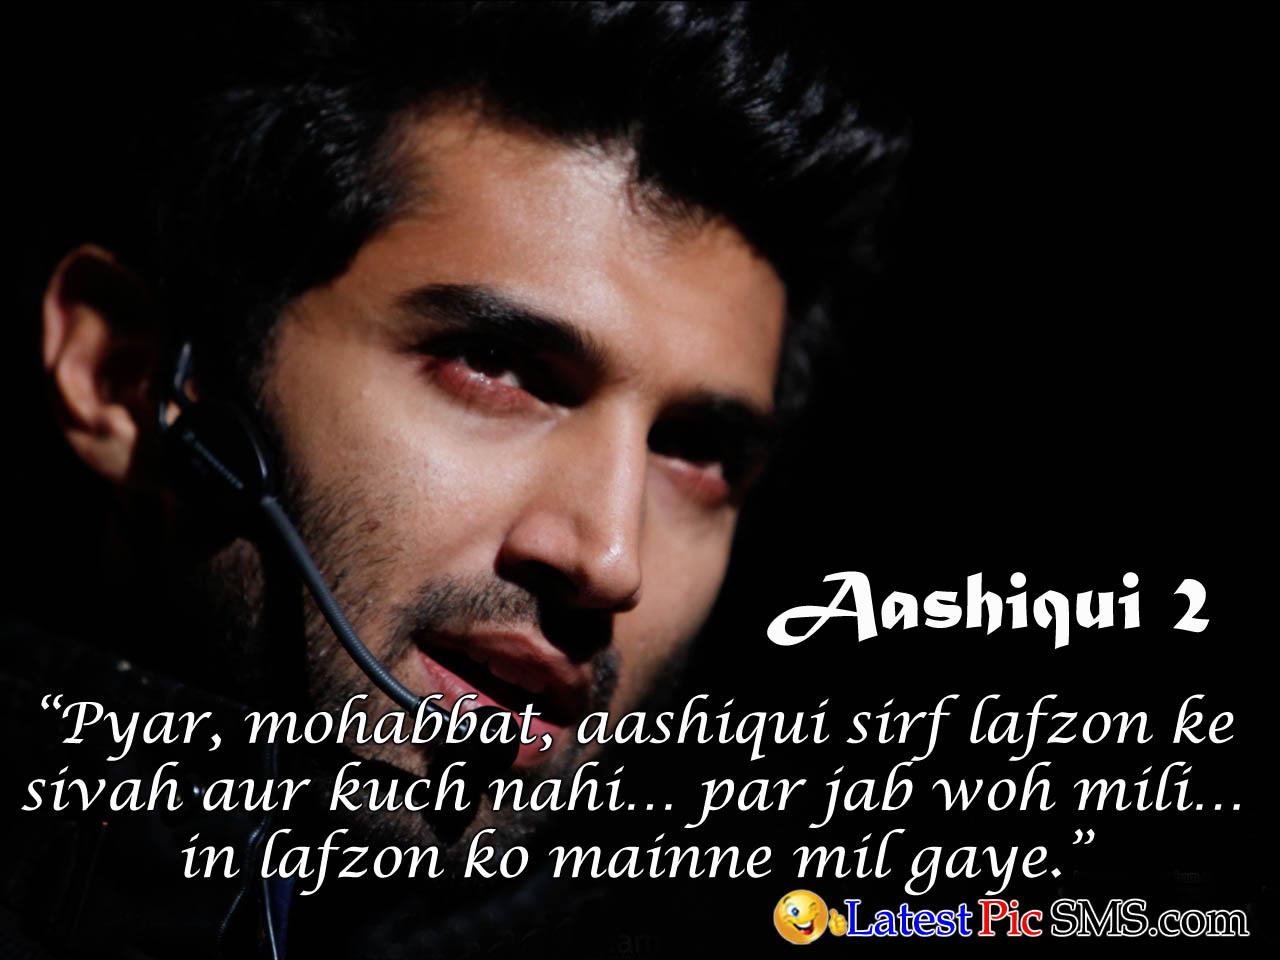 Aashiqui 2 Images With Shayari | www.pixshark.com - Images ...